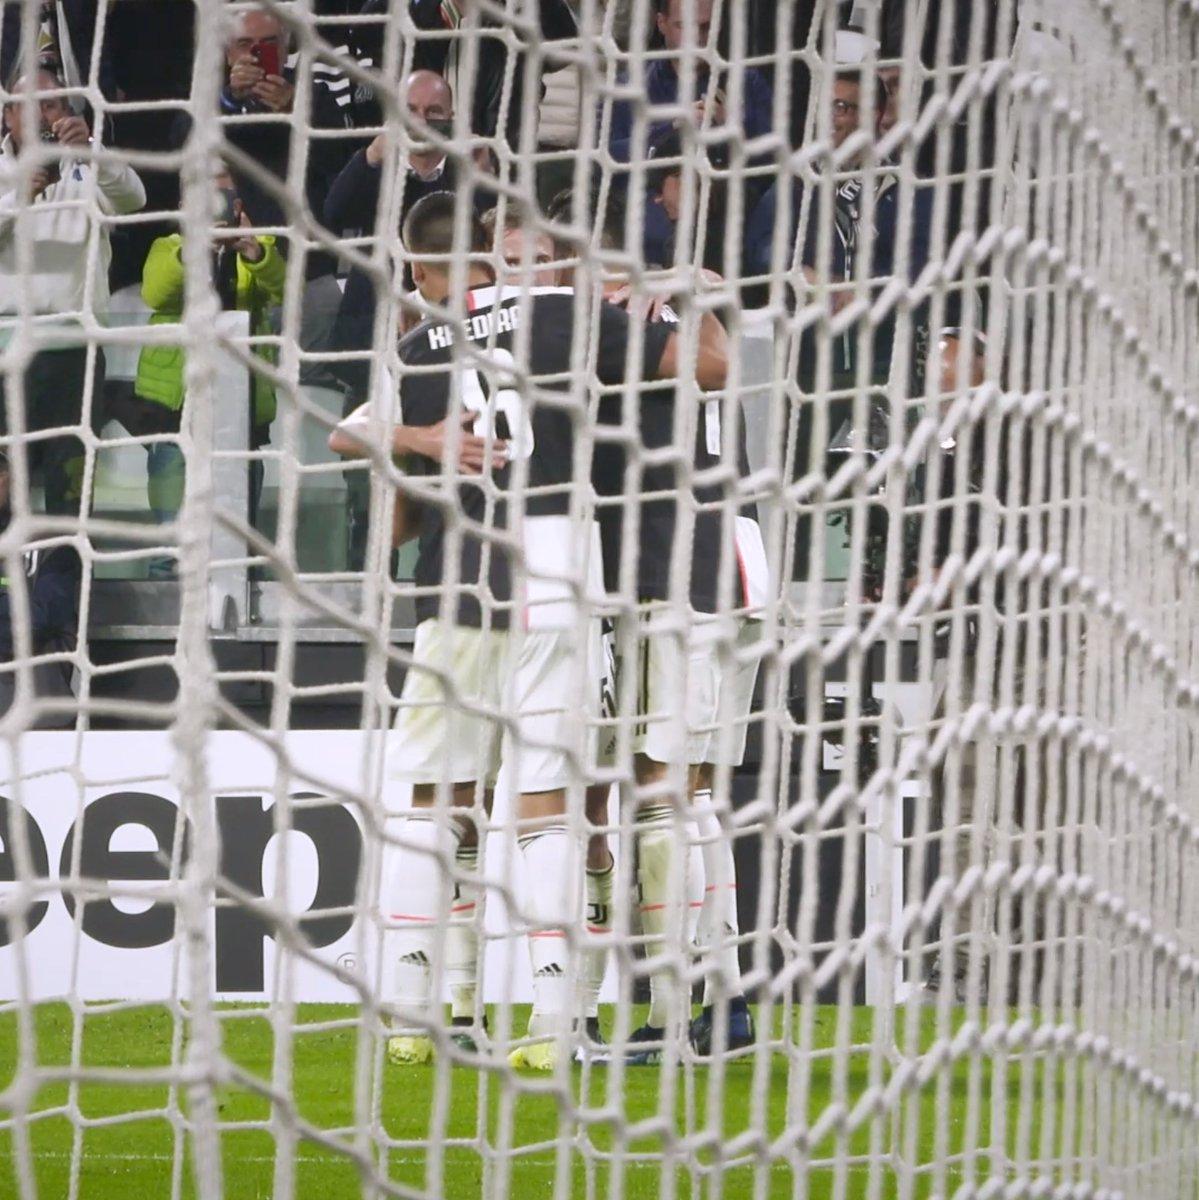 🎥 Ângulos exclusivos + ⚽️ Grandes gols. 👇   Com @Allianz. #JuveBologna